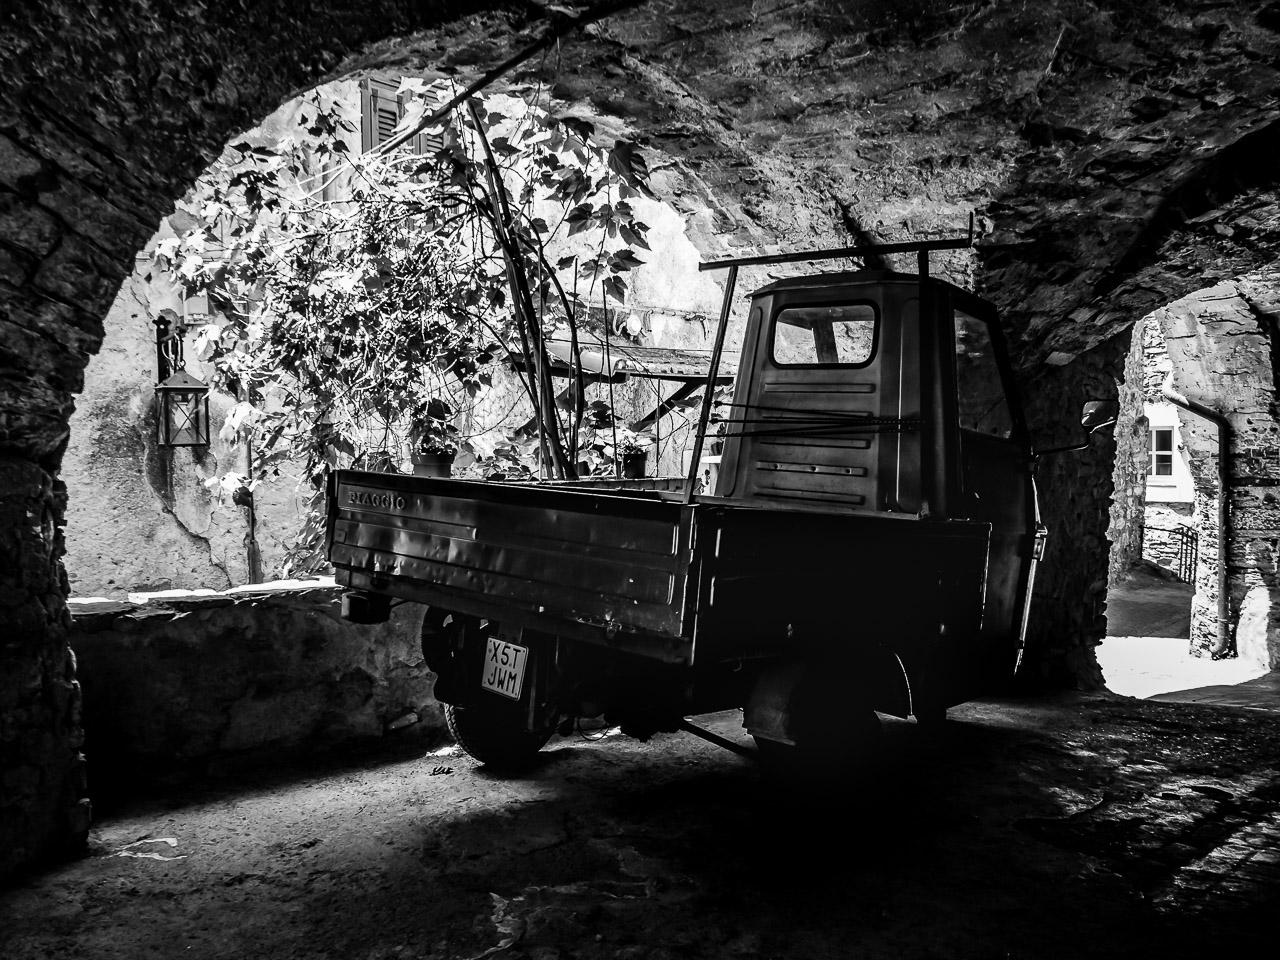 Piaggio Ape parked in Montalto Ligure